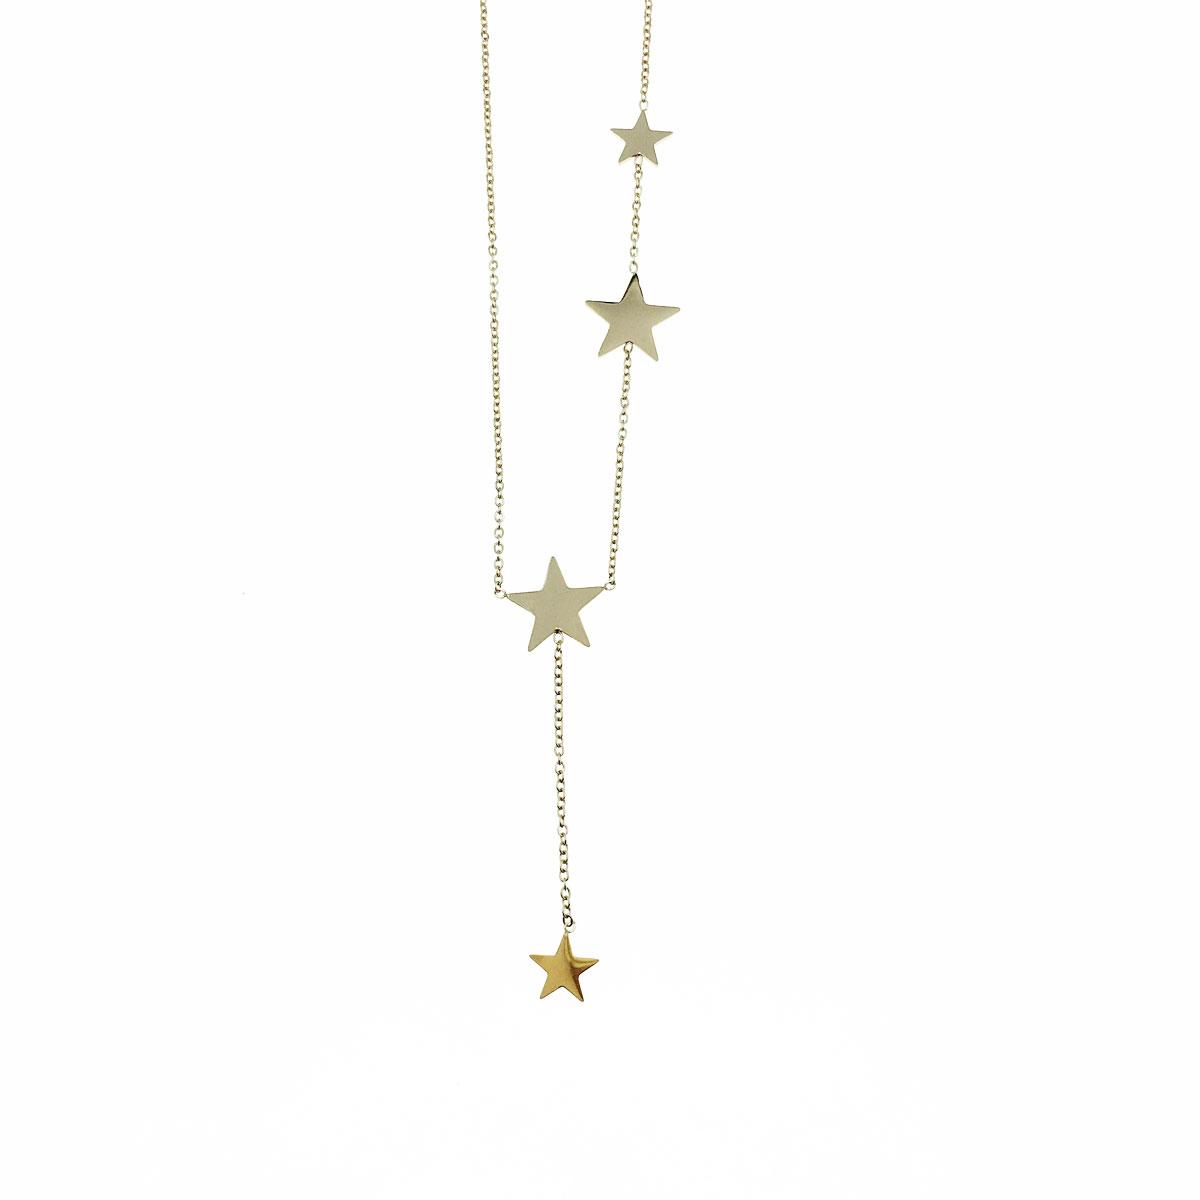 韓國 不銹鋼 星星 垂墜感 金屬間約 鎖骨鍊 短鍊 項鍊 飾品